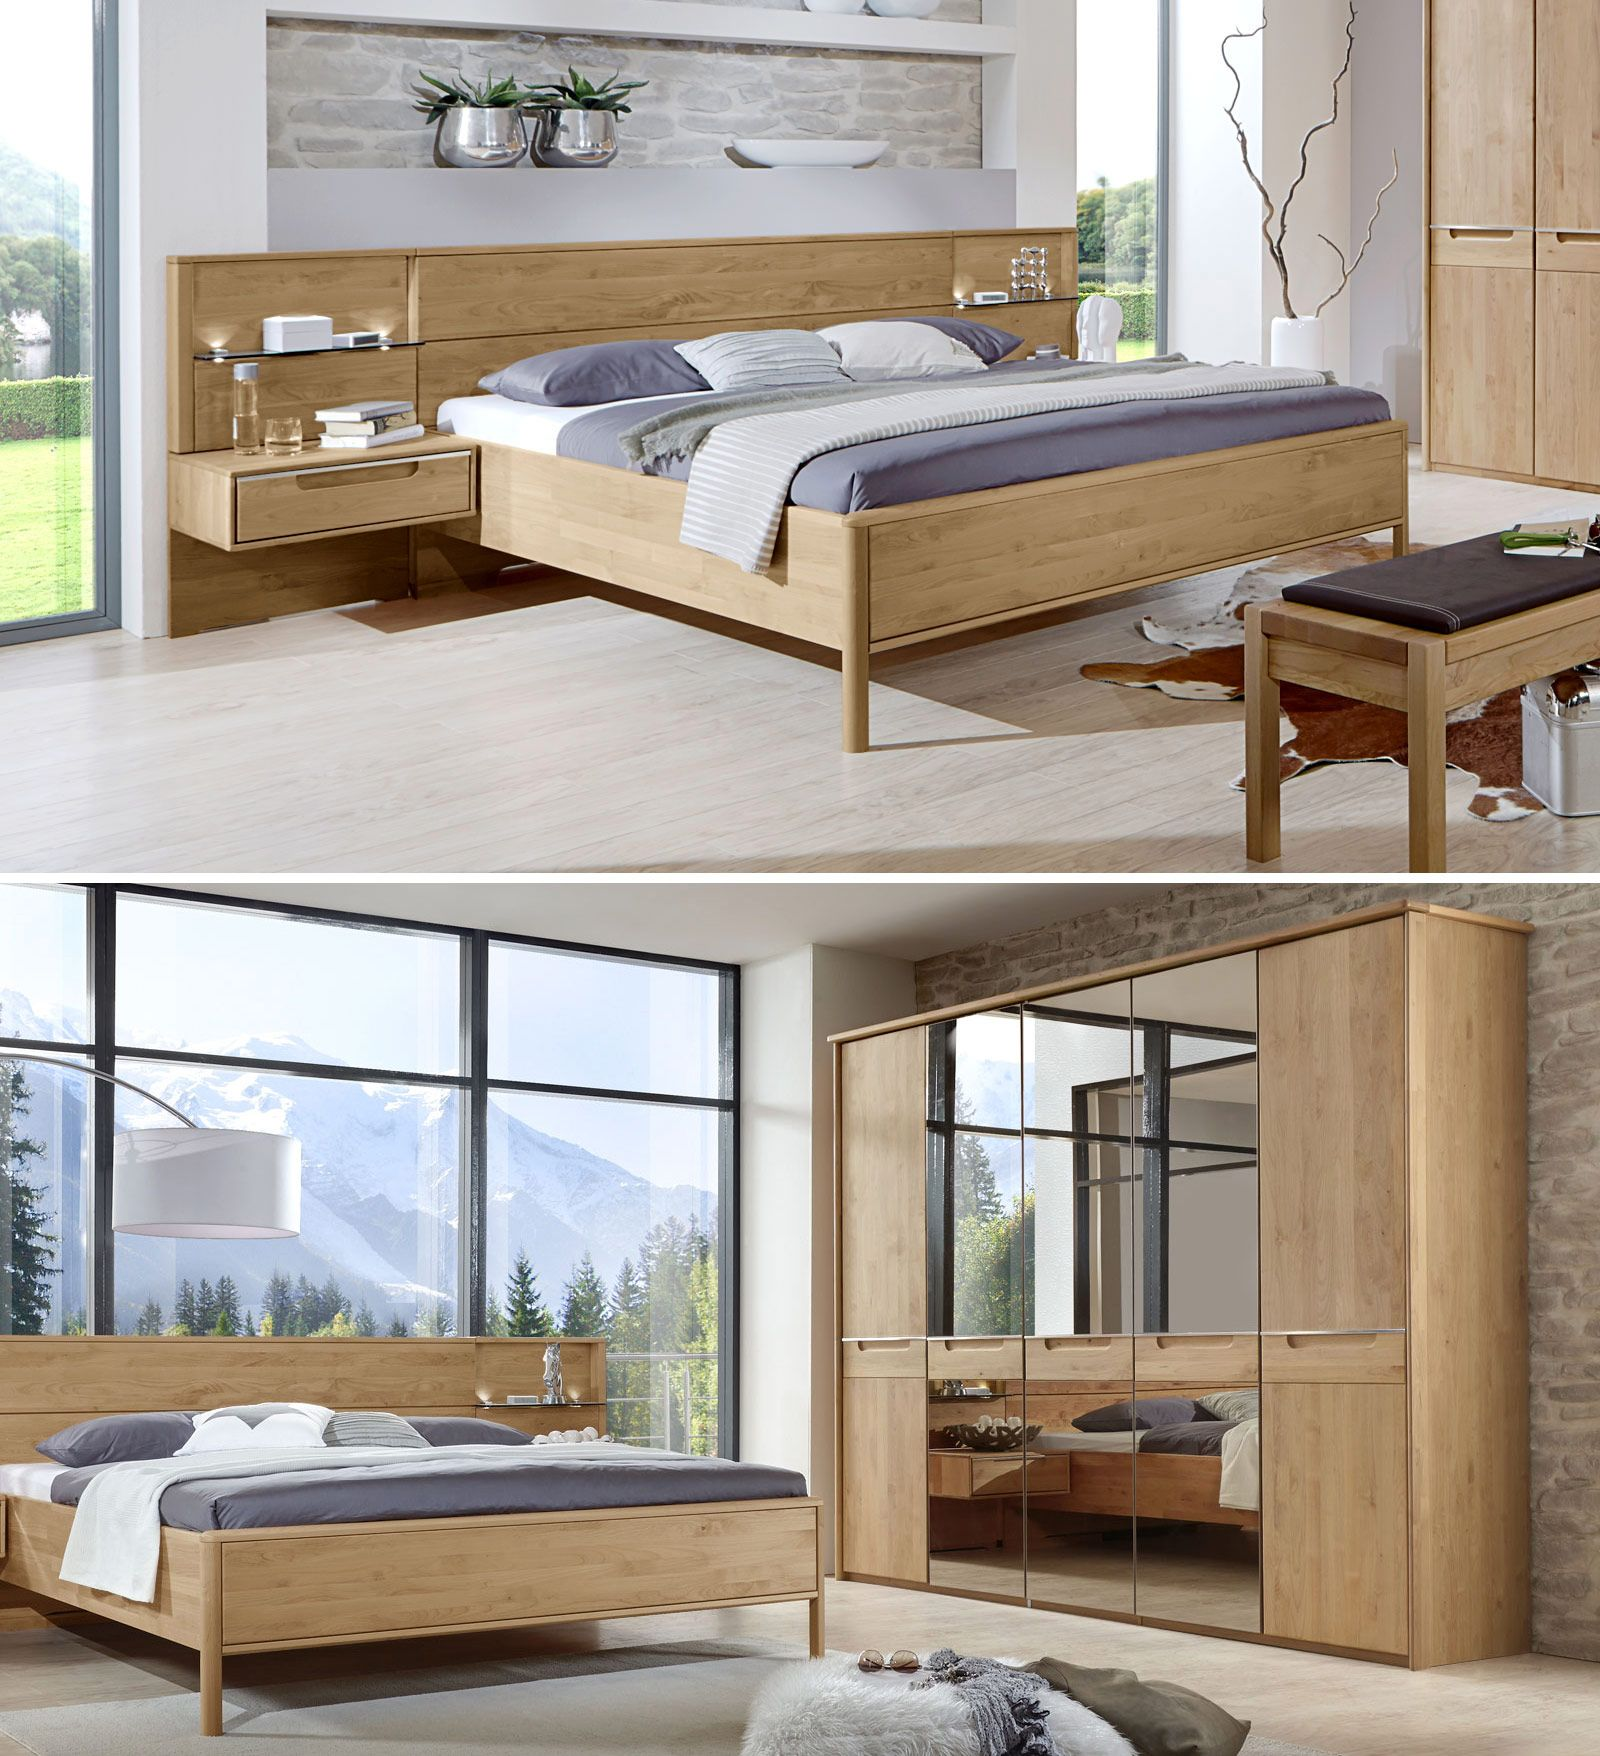 Awesome  aus massivem Erlenholz Mit Bett Kommode und Bettbank Kleiderschrank wahlweise mit Spiegelfront Kauf auf Rechnung m glich